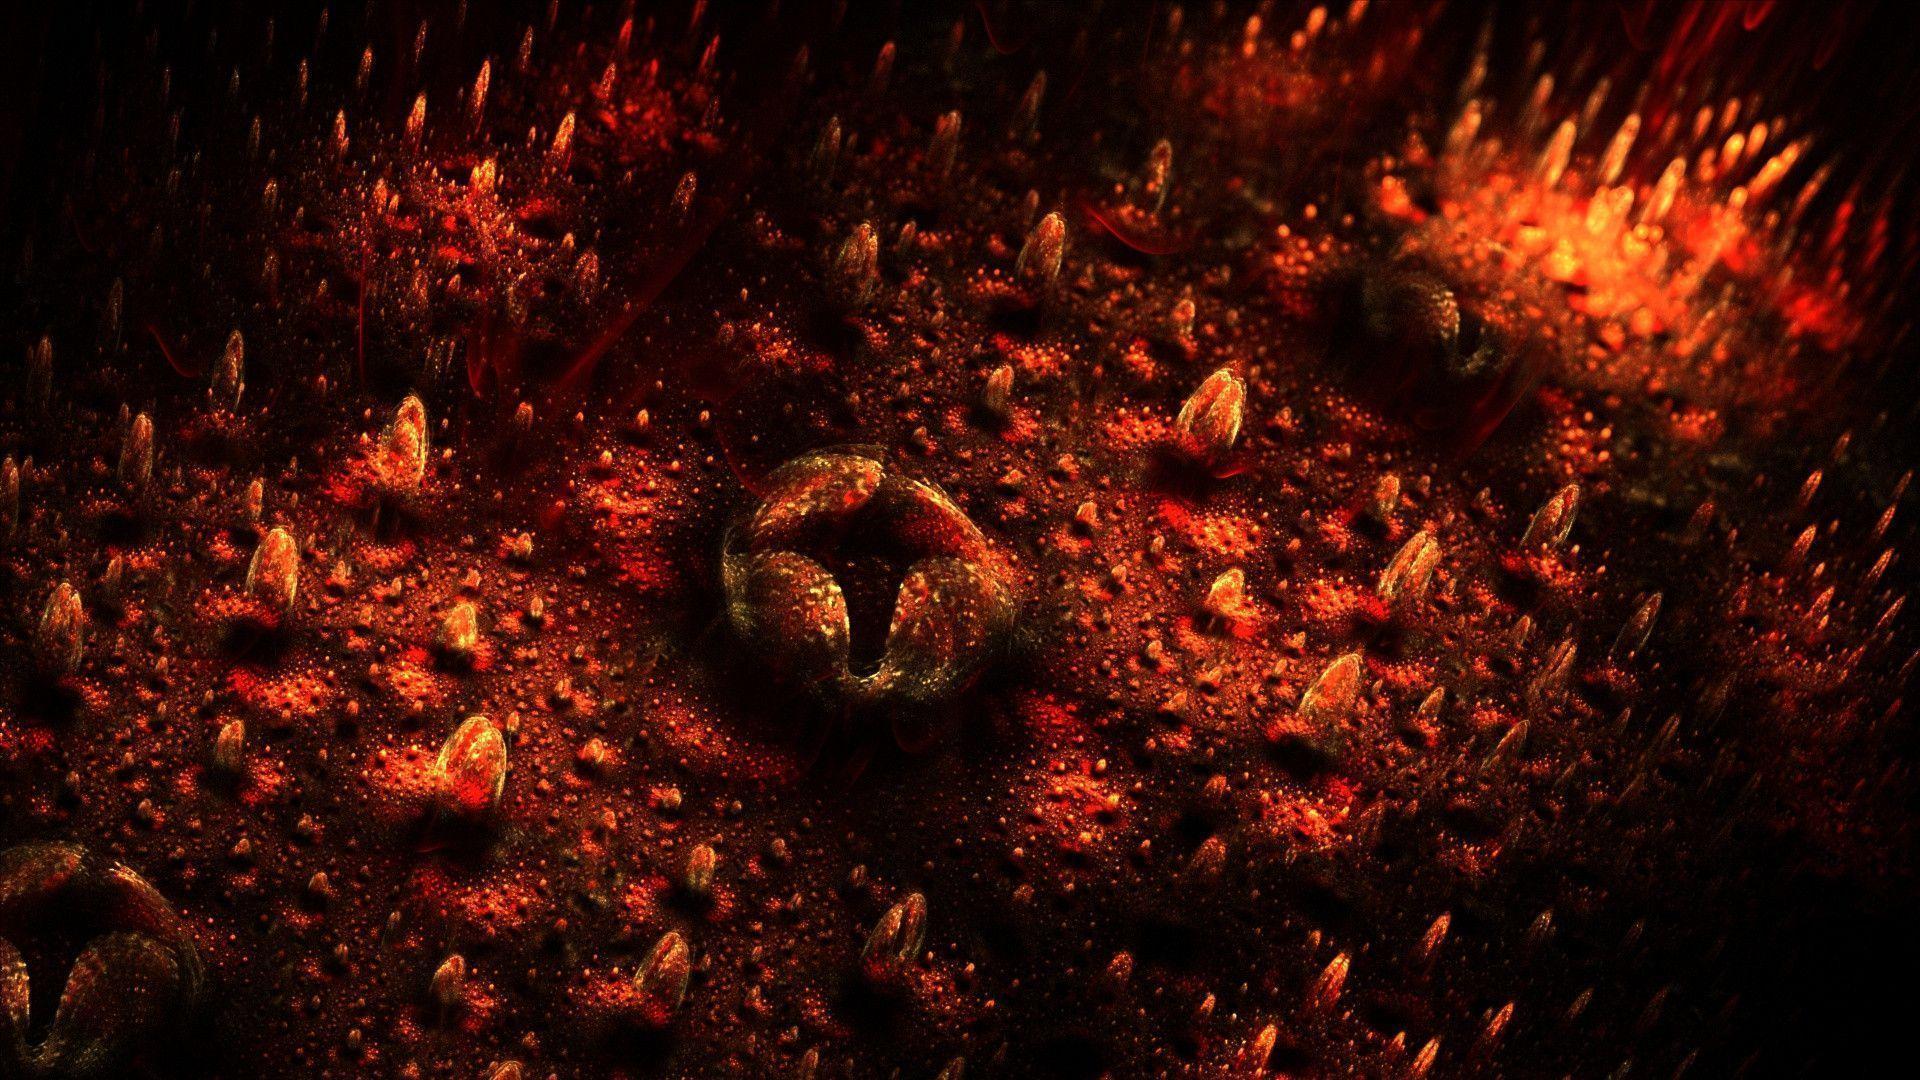 lava wallpaper - photo #29